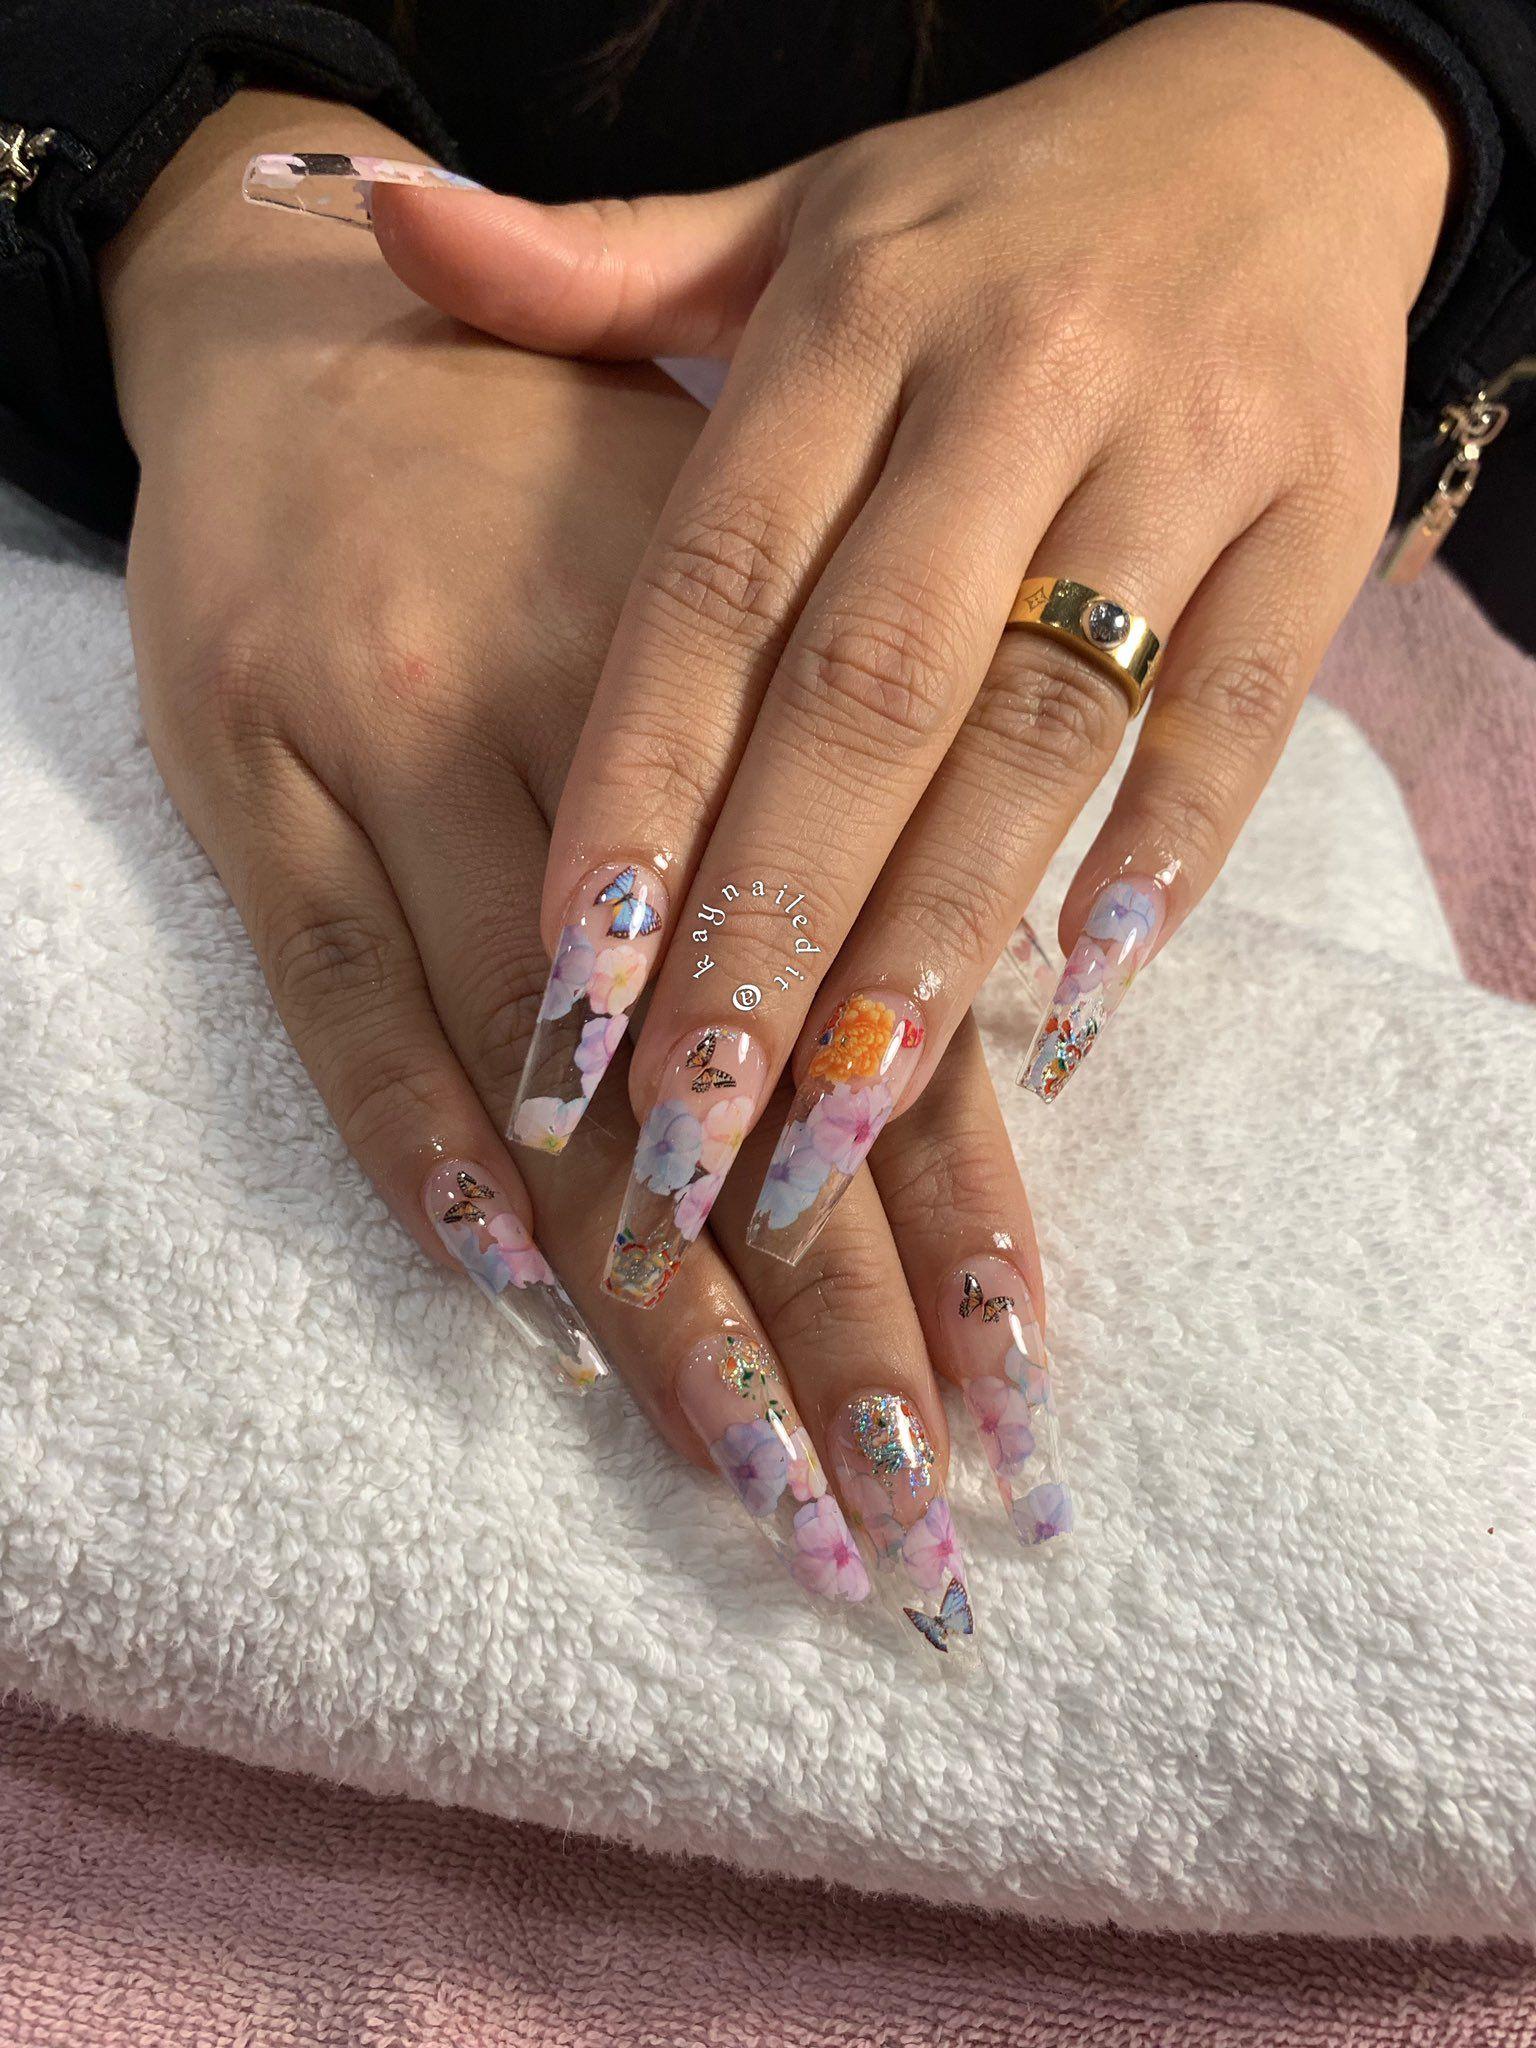 Pin by Brianna Green on Nails   Nails, Dope nails